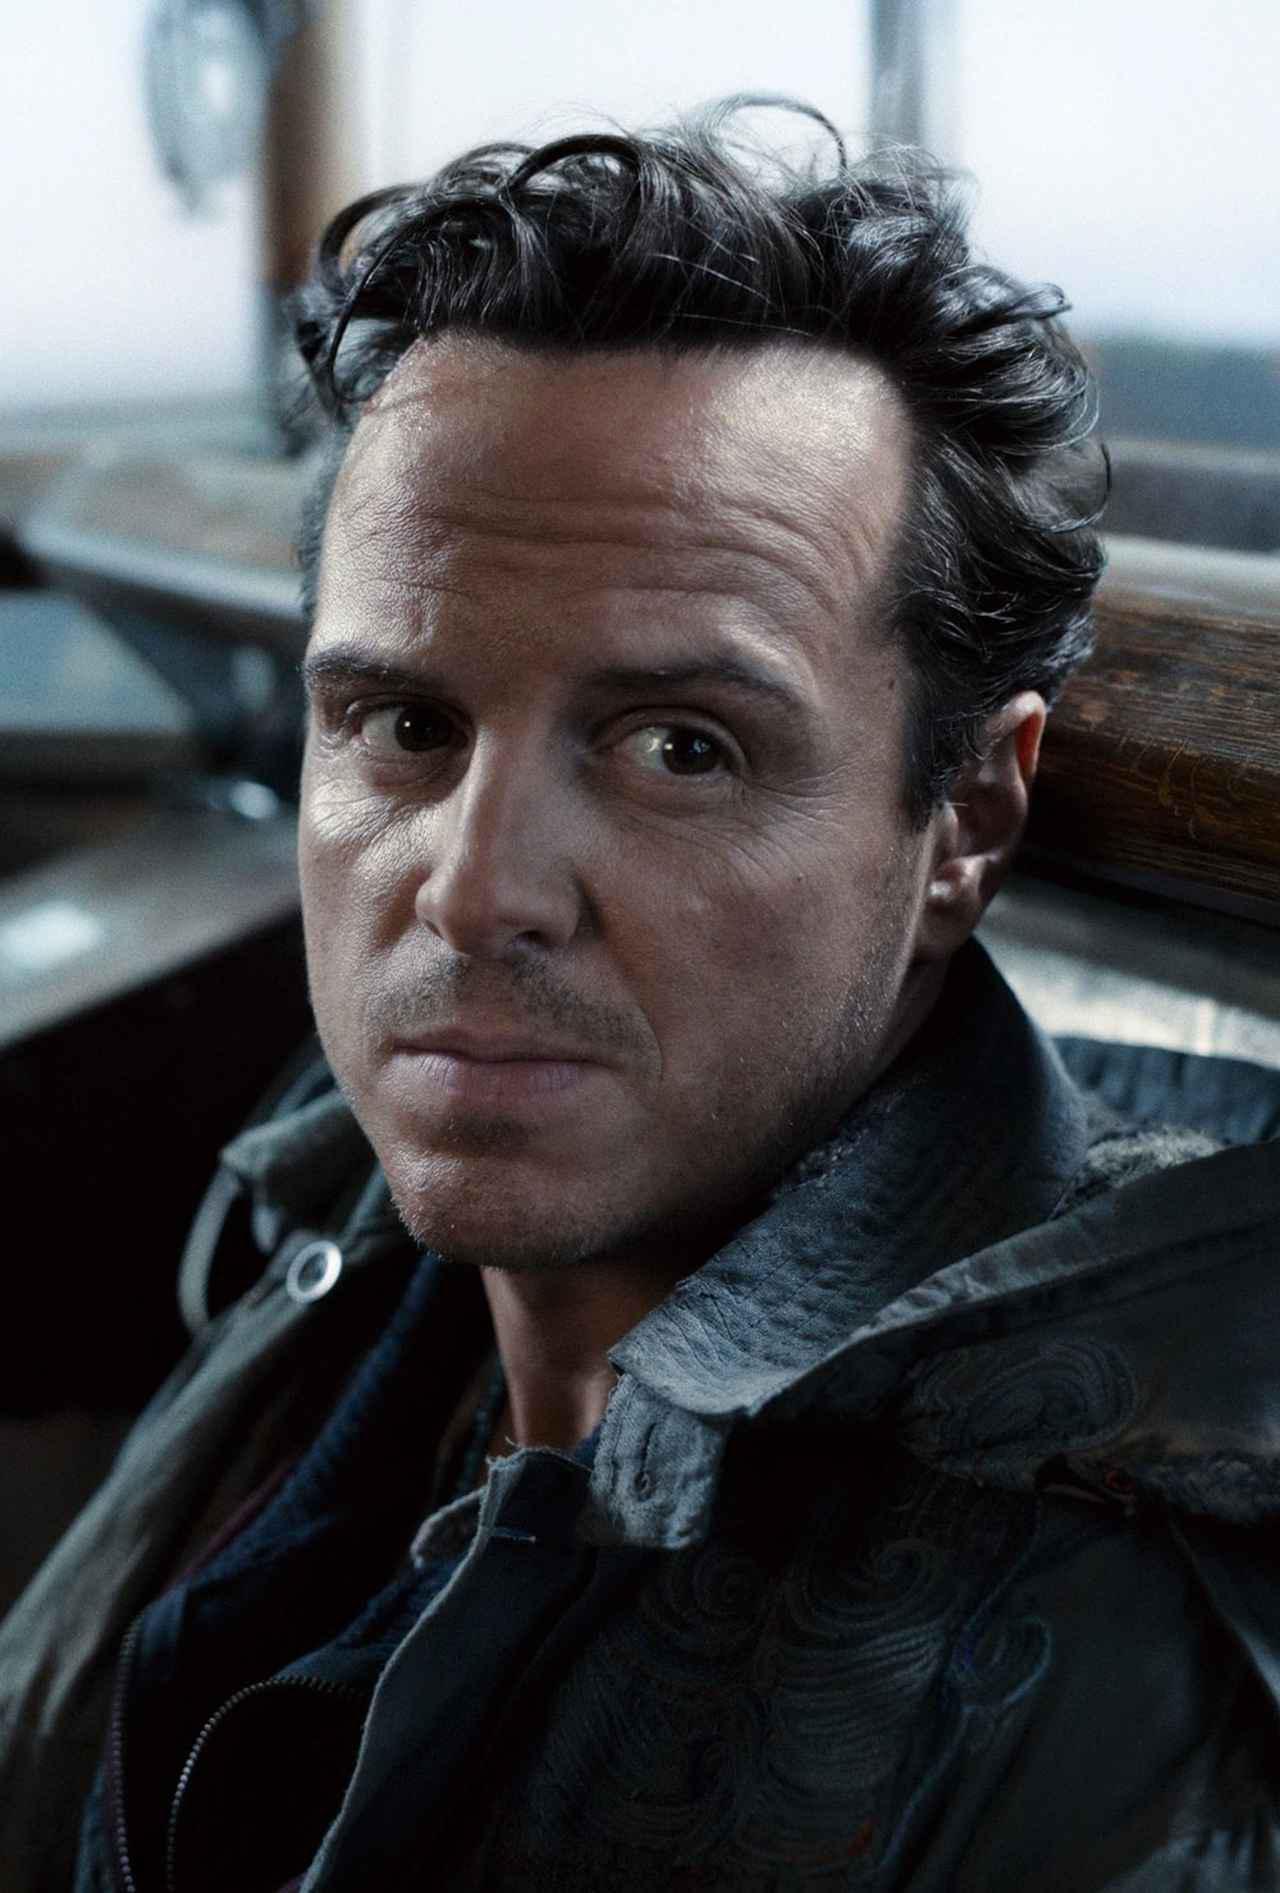 画像10: HBO®×BBC大ヒットファンタジードラマ 待望のシーズン2がいよいよ開始!【スターチャンネル×SCREEN気になる特集】